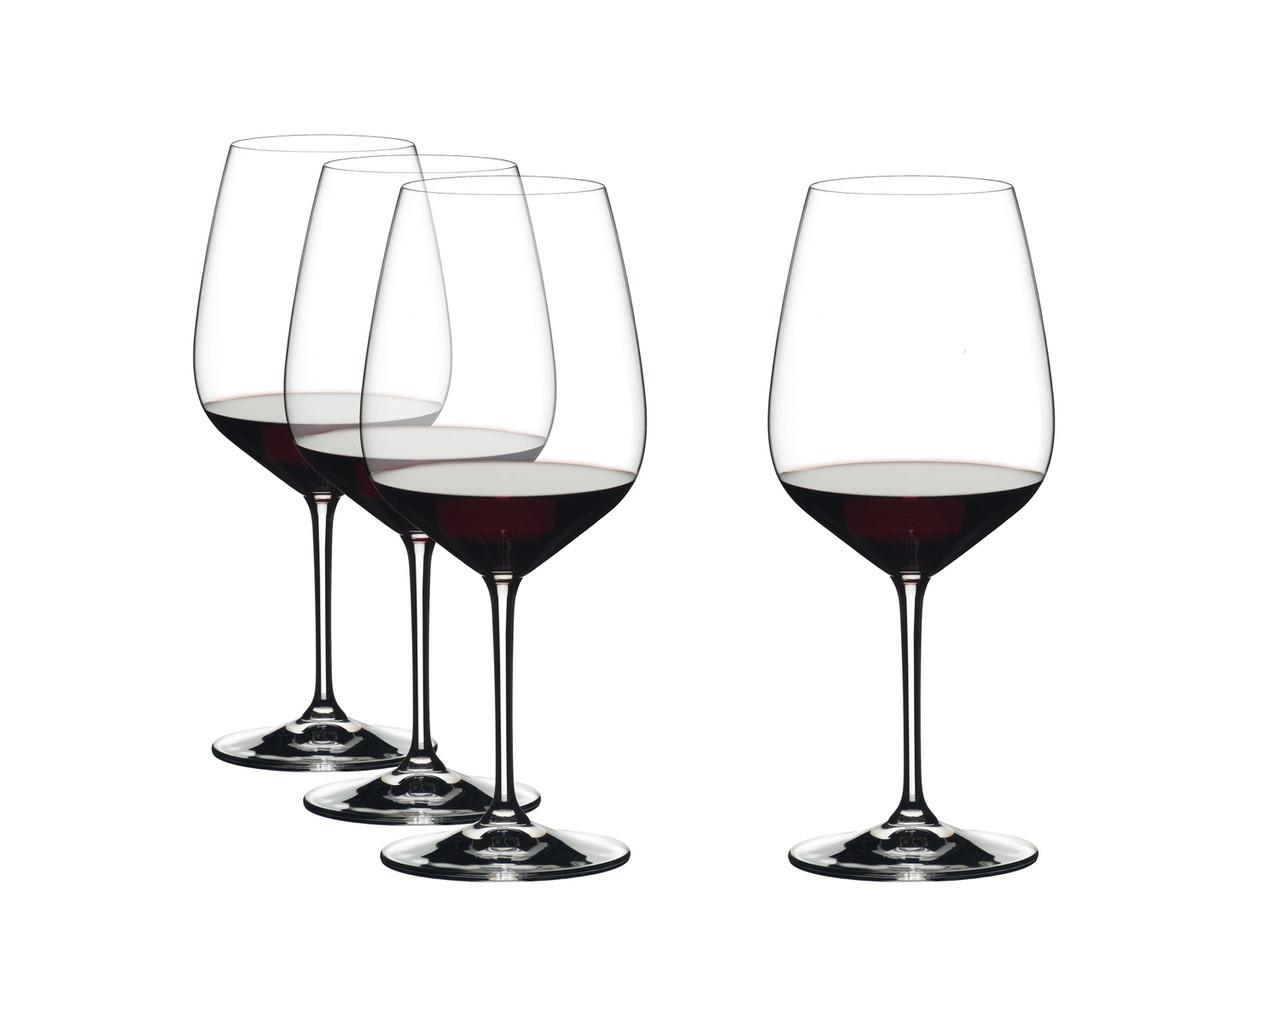 Набір келихів для червоного вина Cabernet Sauvignon Riedel Vinum Extreme 800 мл 4 шт 4411/0